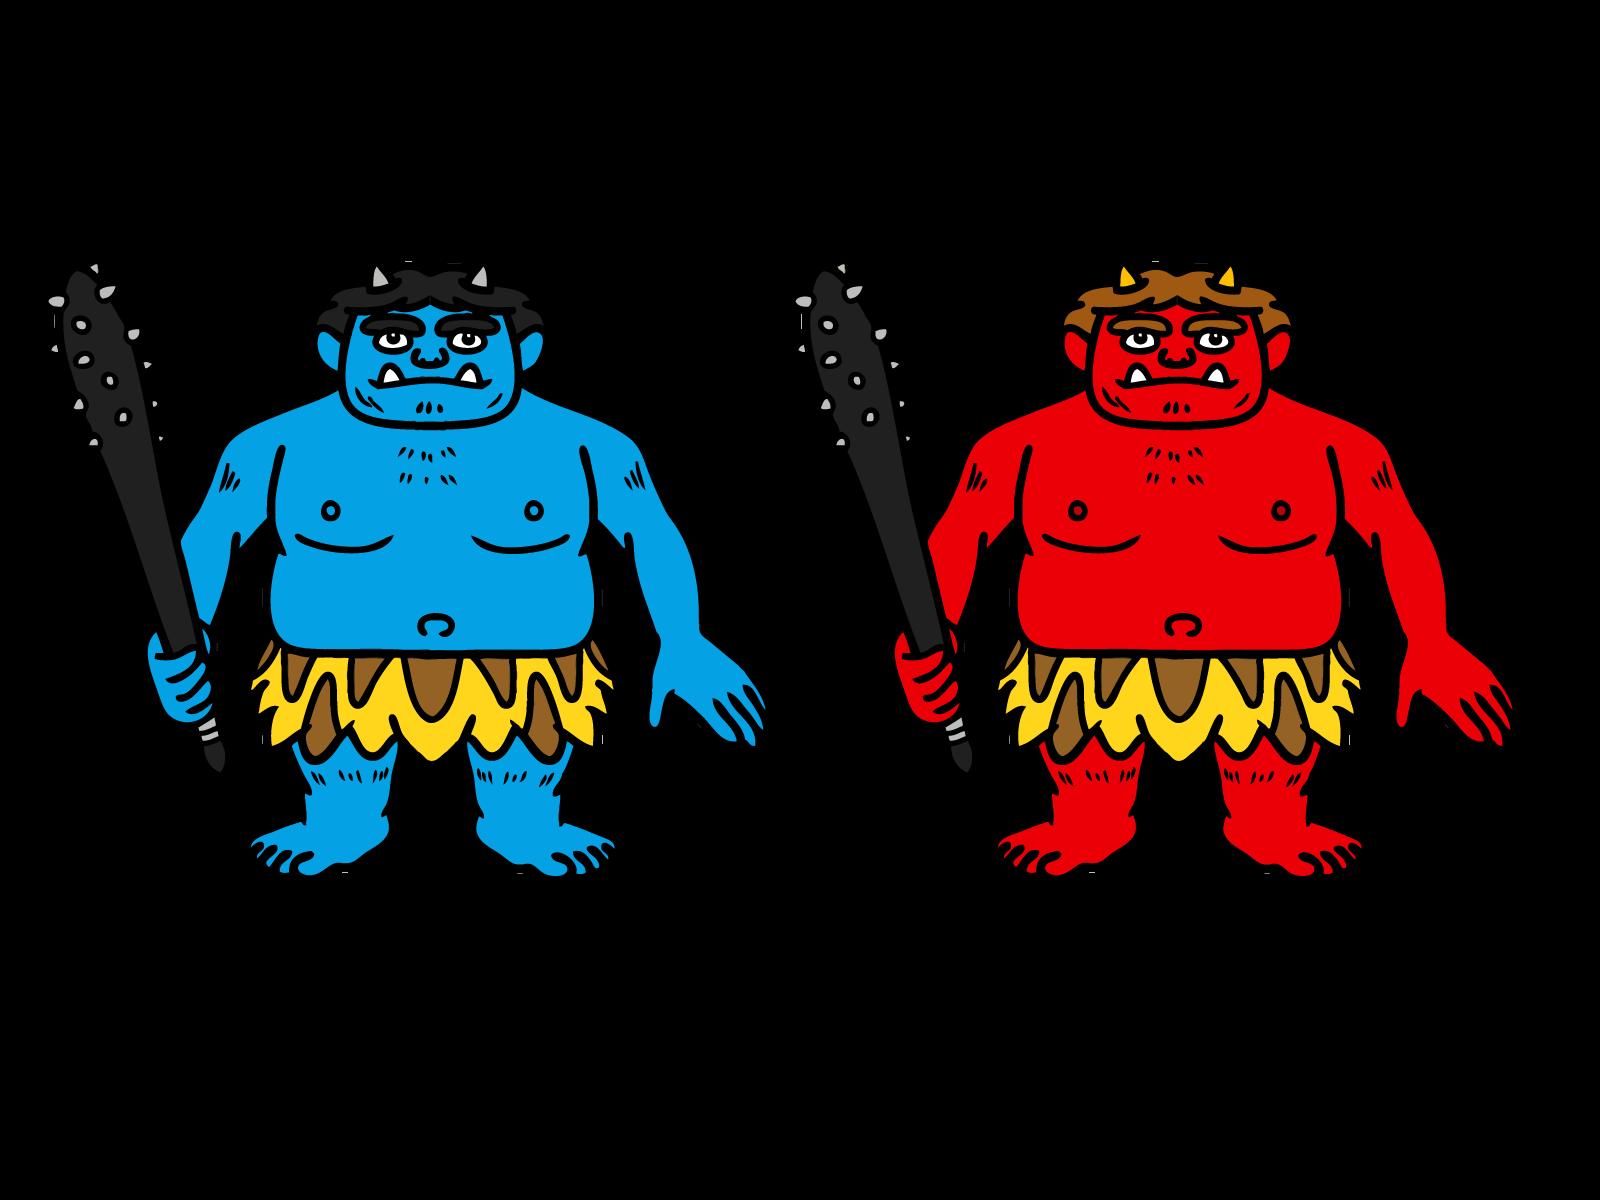 桃太郎でお馴染み、赤鬼と青鬼。やや肥満気味?